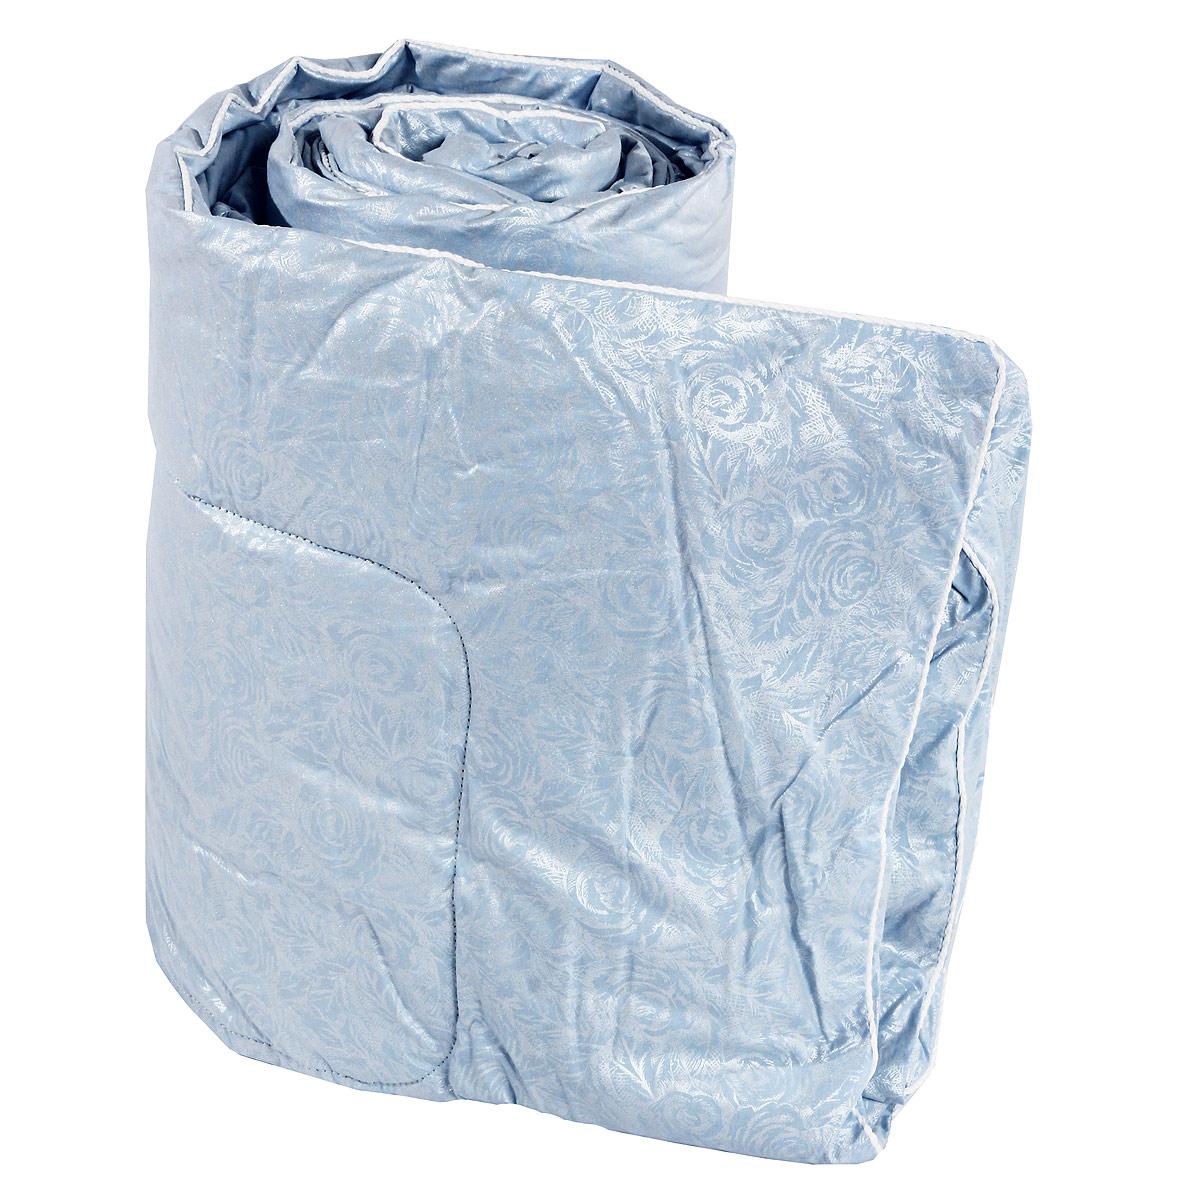 Одеяло Dargez Прима, наполнитель: пух, 172 см х 205 смCLP446Одеяло Dargez Прима представляет собой стеганый чехол из натурального хлопка с пуховым наполнителем. Особенности одеяла Dargez Прима:натуральное и экологически чистое;обладает легкостью и уникальными теплозащитными свойствами;создает оптимальный температурный режим;обладает высокой гигроскопичностью: хорошо впитывает и испаряет влагу;имеет высокою воздухопроницаемостью: позволяет телу дышать;обладает мягкостью и объемом. Одеяло упаковано в прозрачный пластиковый чехол на молнии с ручкой, что является чрезвычайно удобным при переноске. Характеристики: Материал чехла: 100% хлопок (перкаль). Наполнитель: пух первой категории. Размер: 172 см х 205 см. Масса наполнителя: 0,7 кг. Артикул: 20340П. Торговый Дом Даргез был образован в 1991 году на базе нескольких компаний, занимавшихся производством и продажей постельных принадлежностей и поставками за рубеж пухоперового сырья. Благодаря опыту, накопленным знаниям, стремлению к инновациям и развитию за 19 лет компания смогла стать крупнейшим производителем домашнего текстиля на территории Российской Федерации. В основу деятельности Торгового Дома Даргез положено стремление предоставить покупателю широкий выбор высококачественных постельных принадлежностей и текстиля для дома, которые способны создавать наилучшие условия для комфортного и, что немаловажно, здорового сна и отдыха.